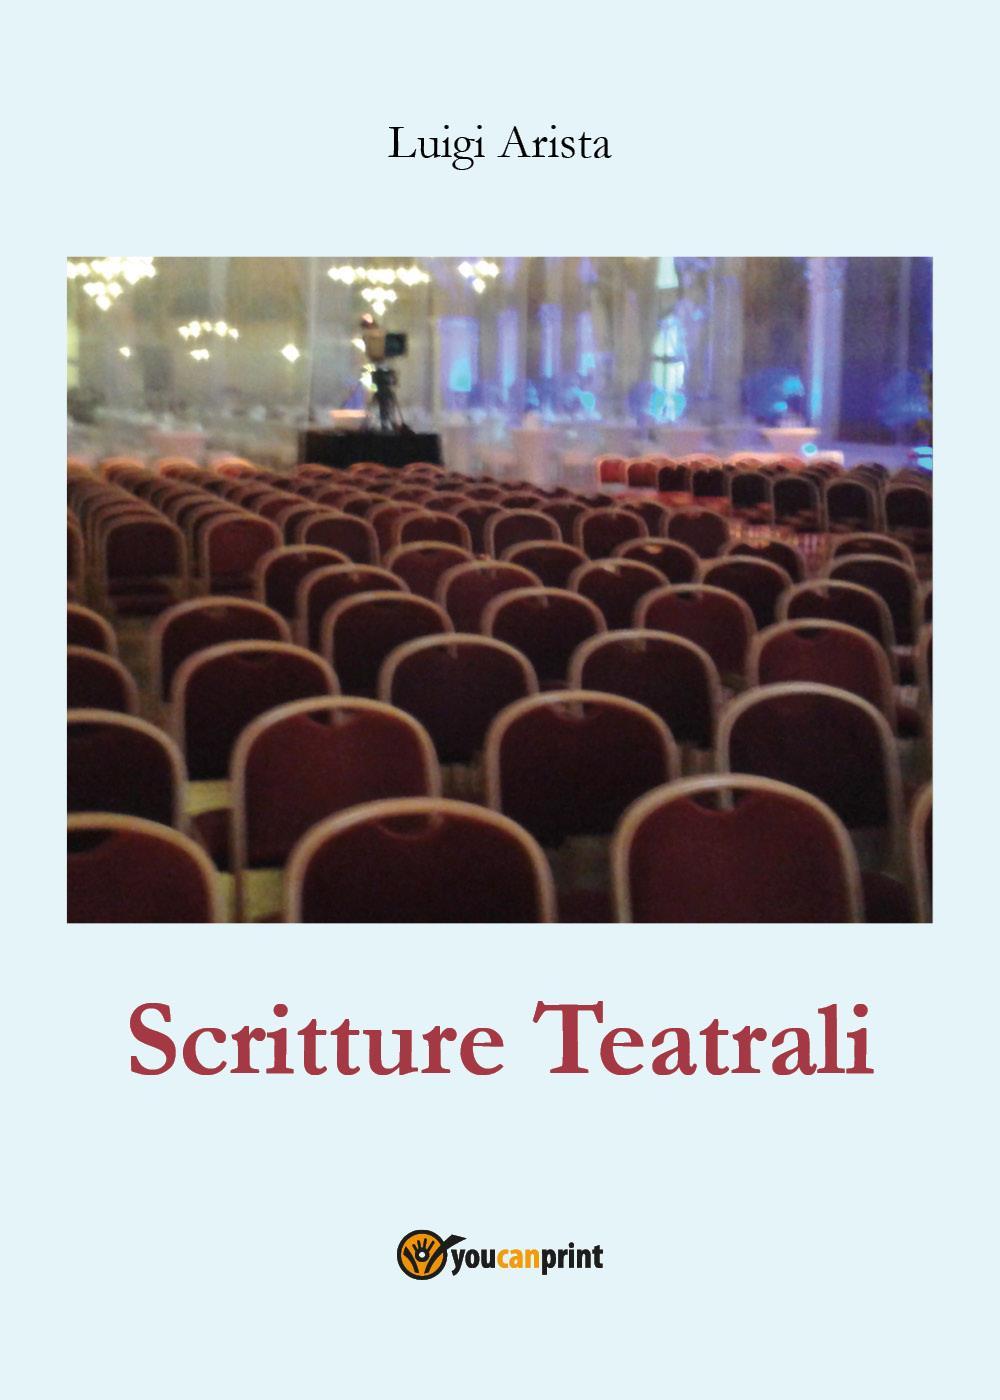 Scritture Teatrali